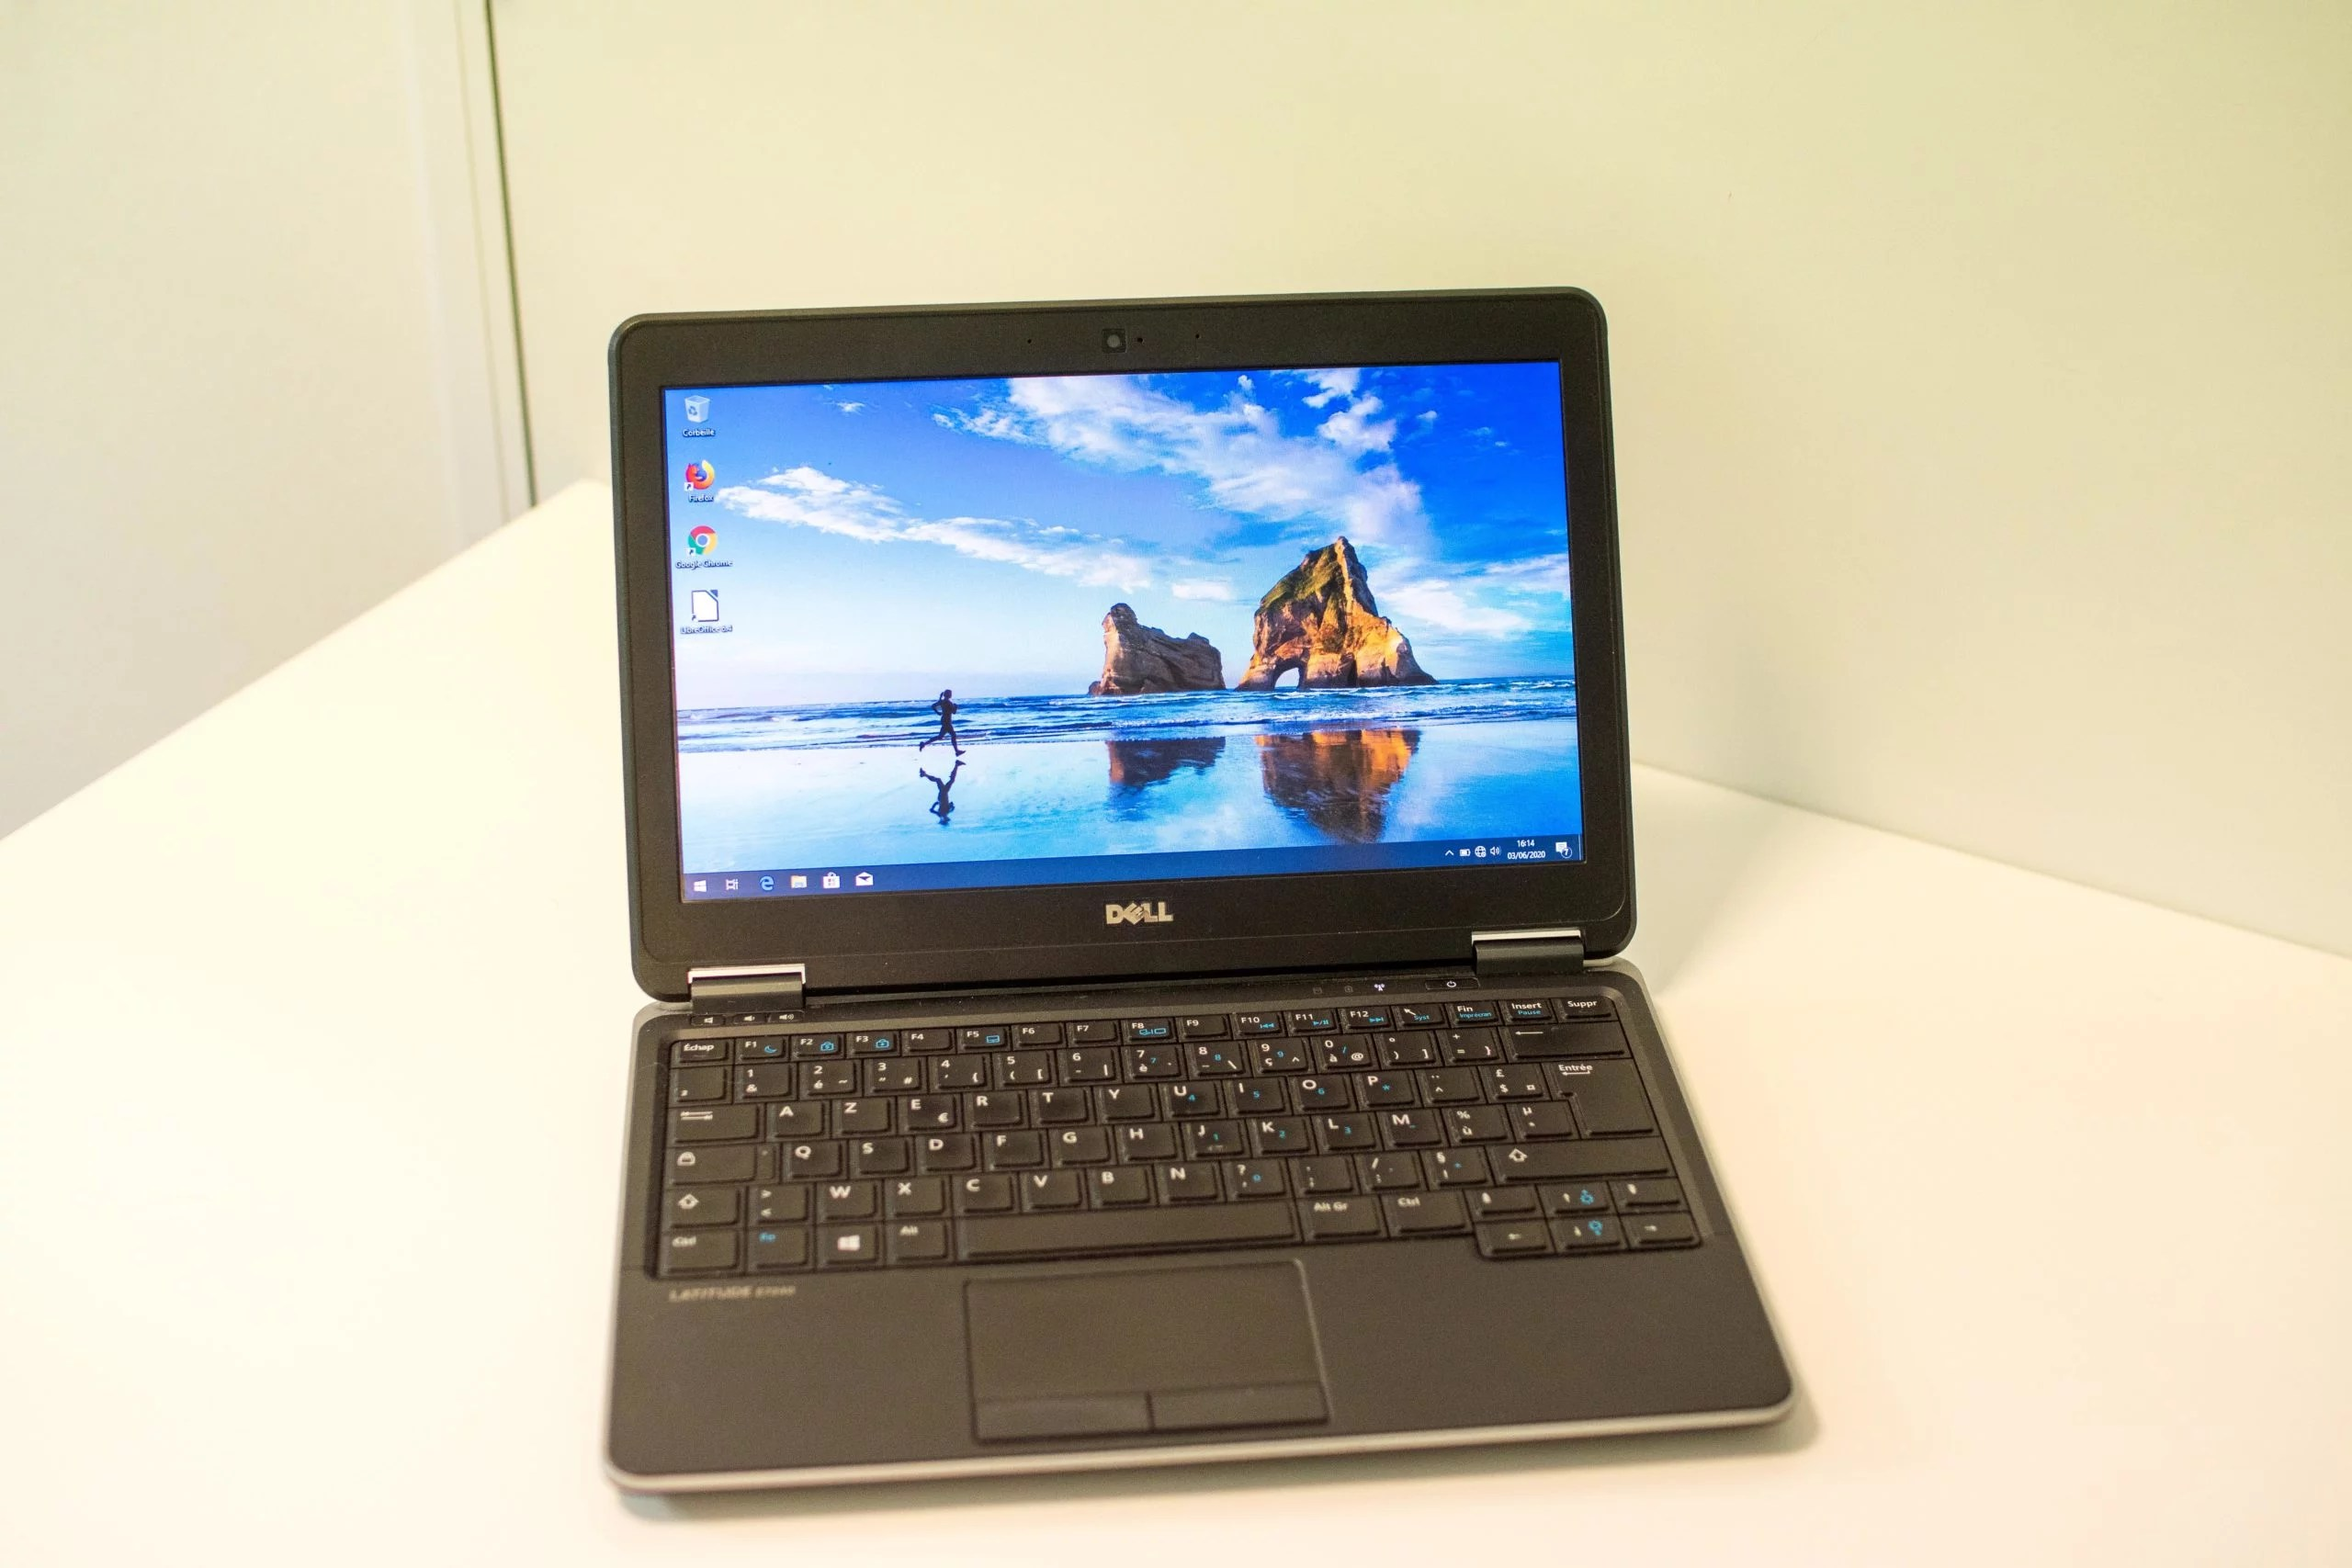 Dell e7240